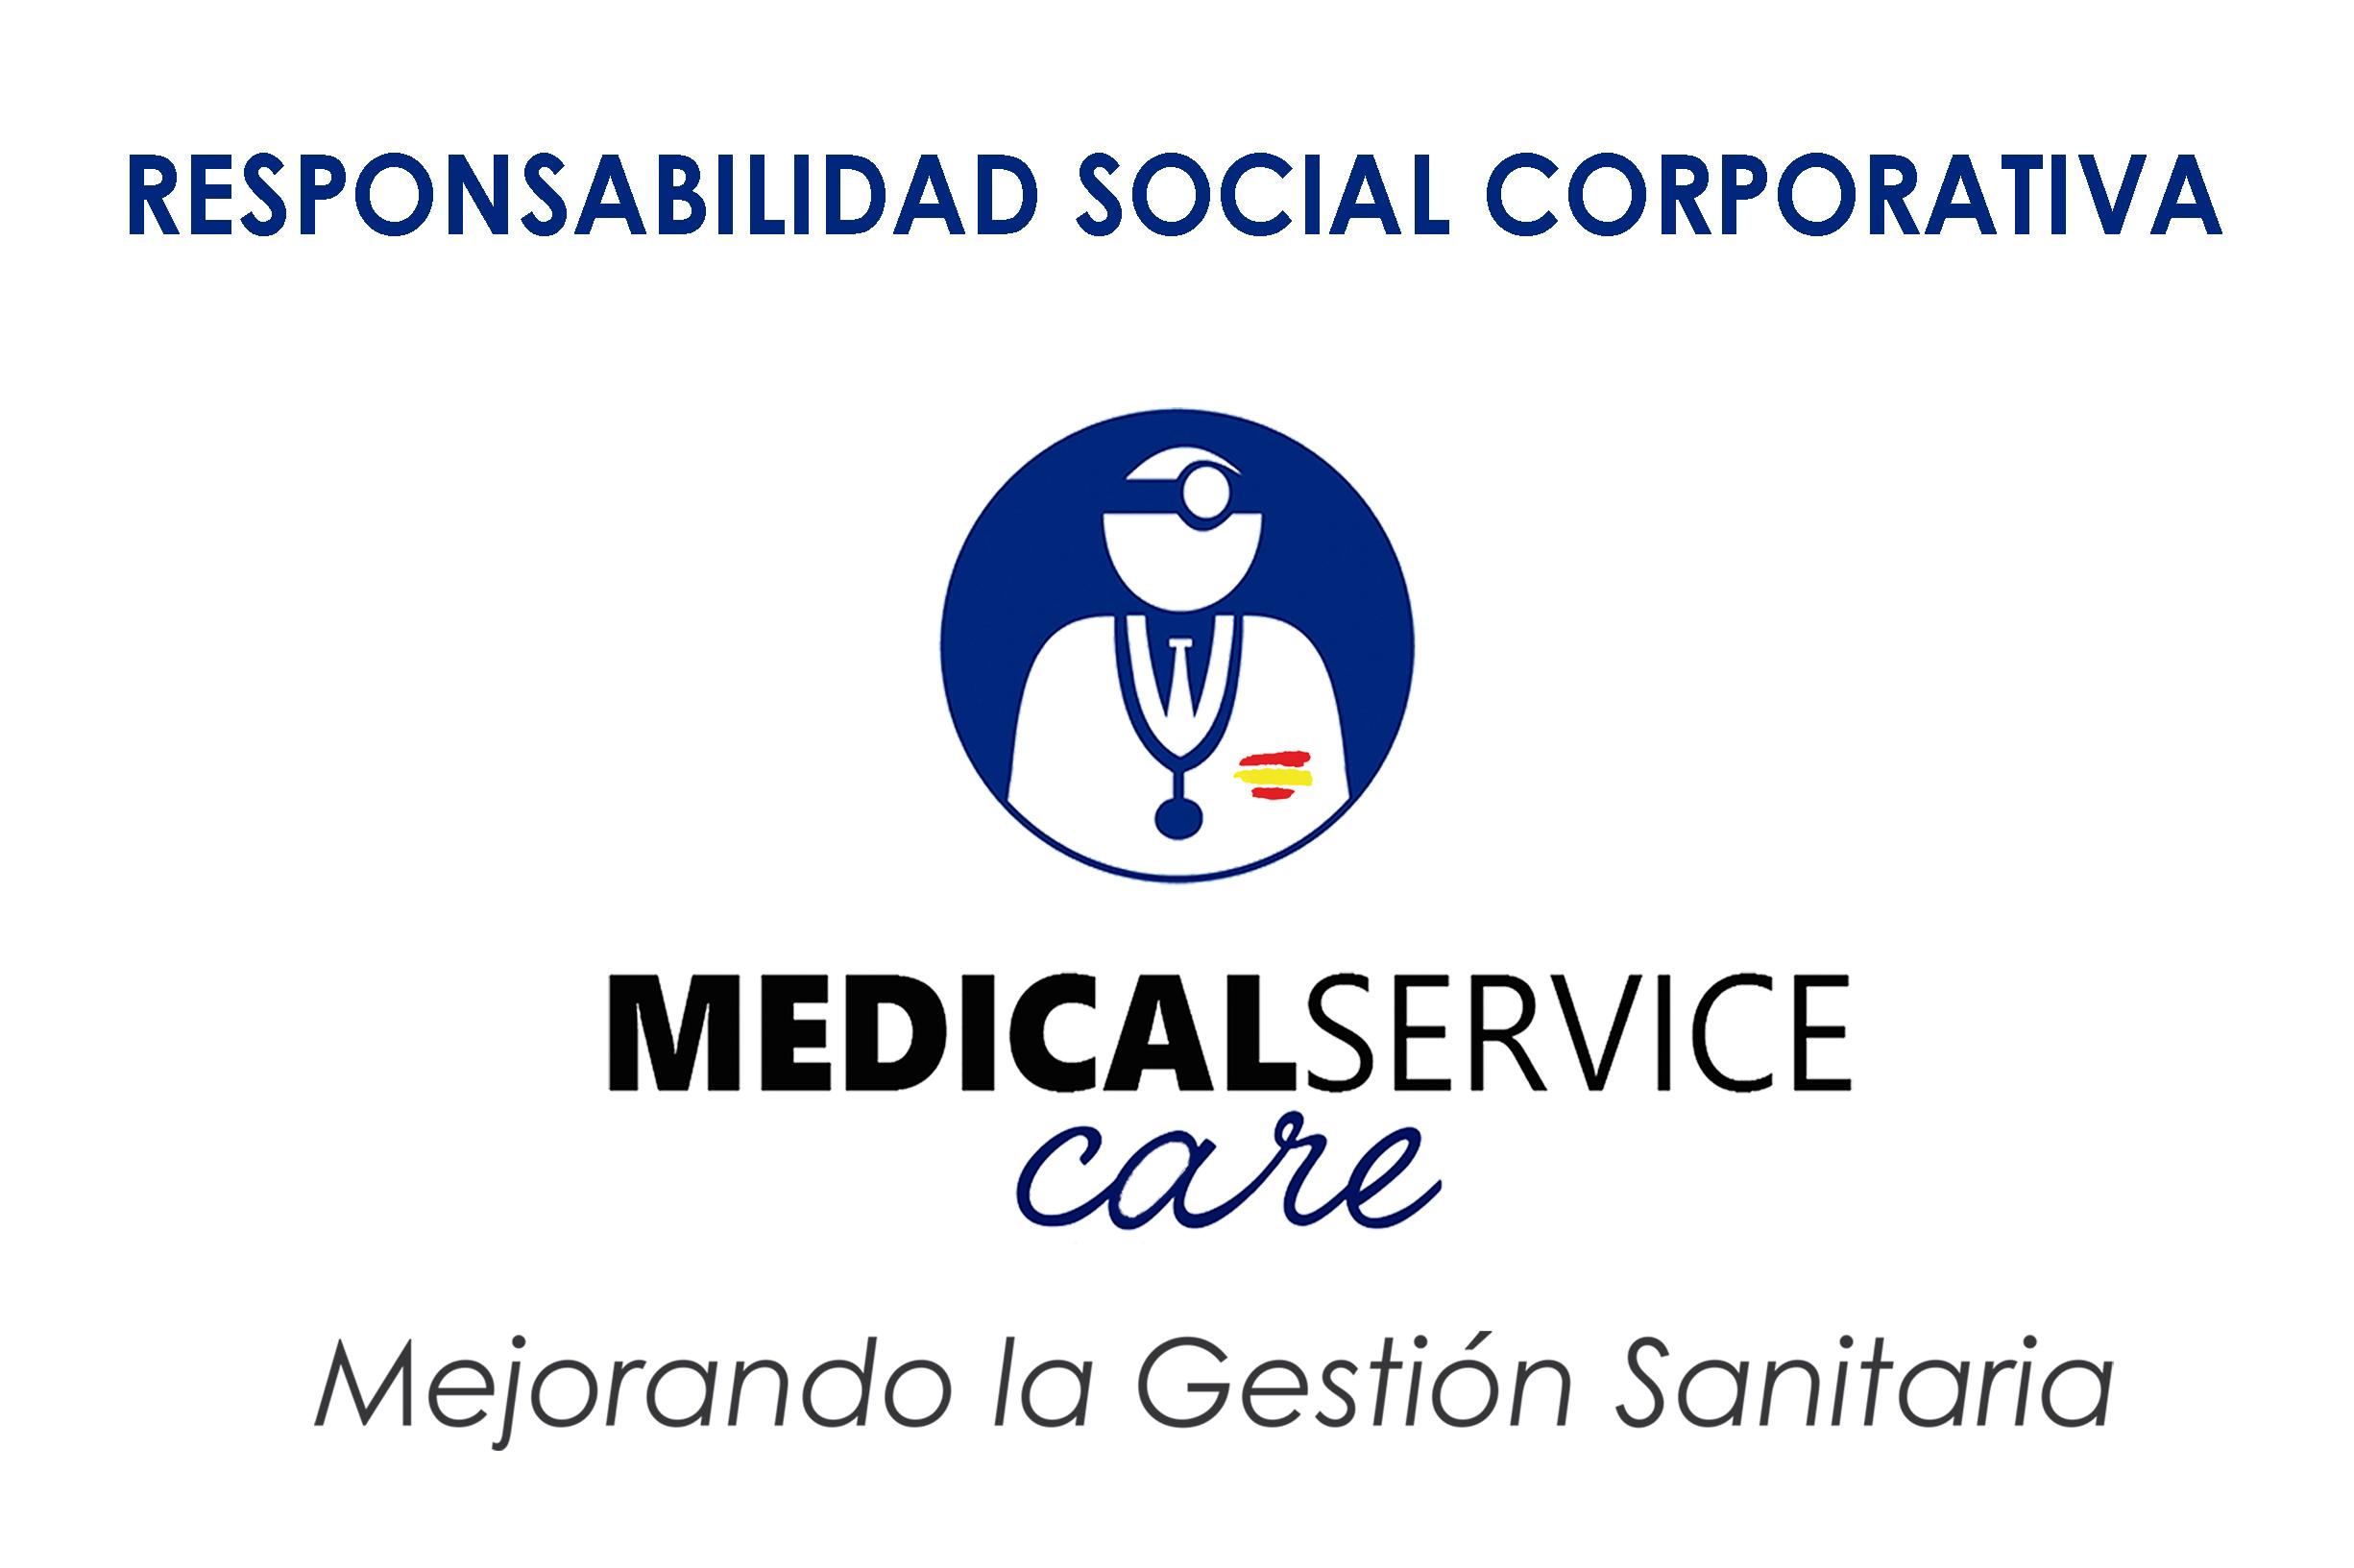 Medical Service Care implicada fuertemente con la Responsabilidad Social Corporativa, a nivel internacional y en España.